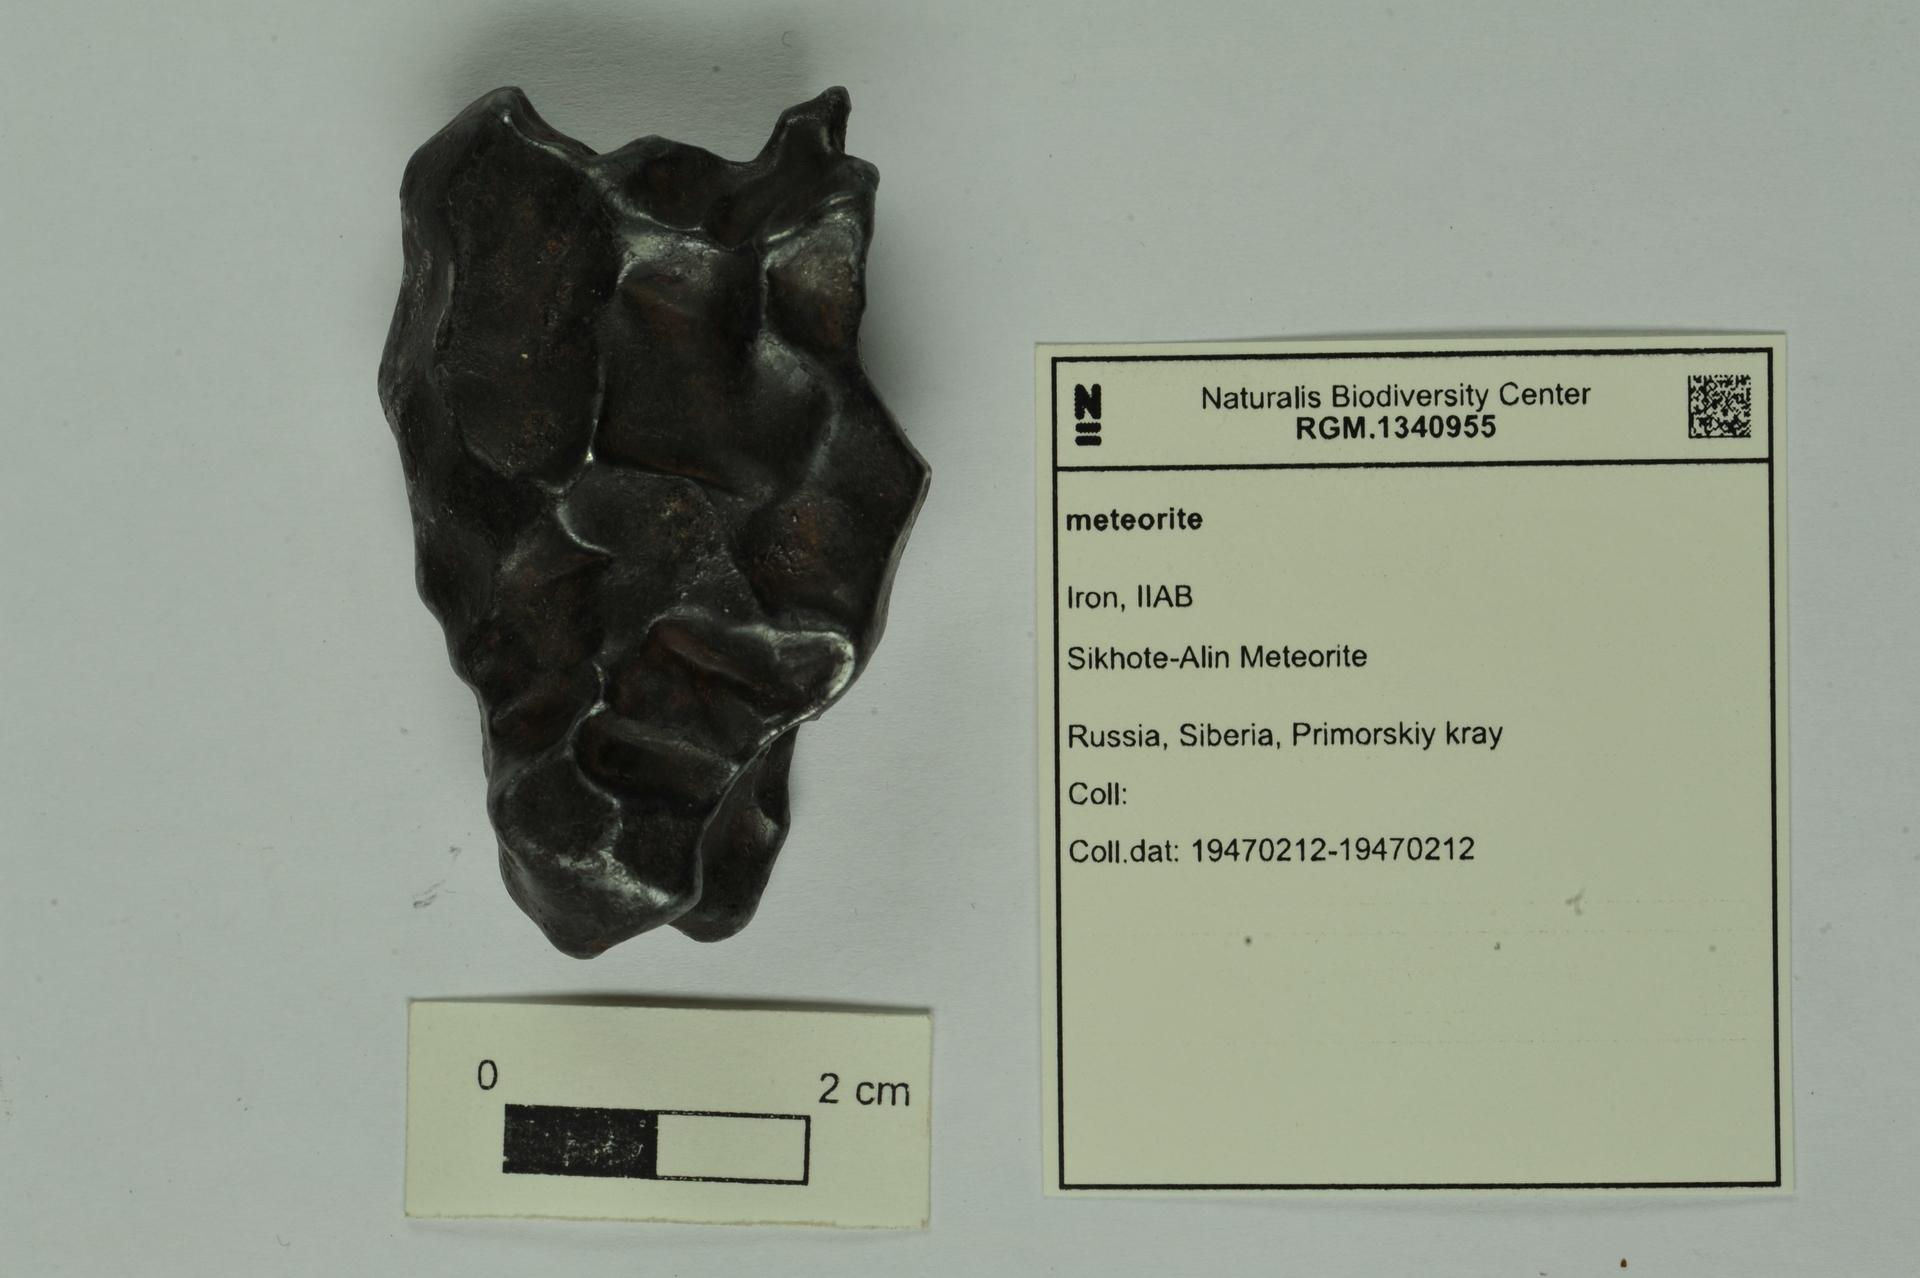 RGM.1340955   Iron, IIAB